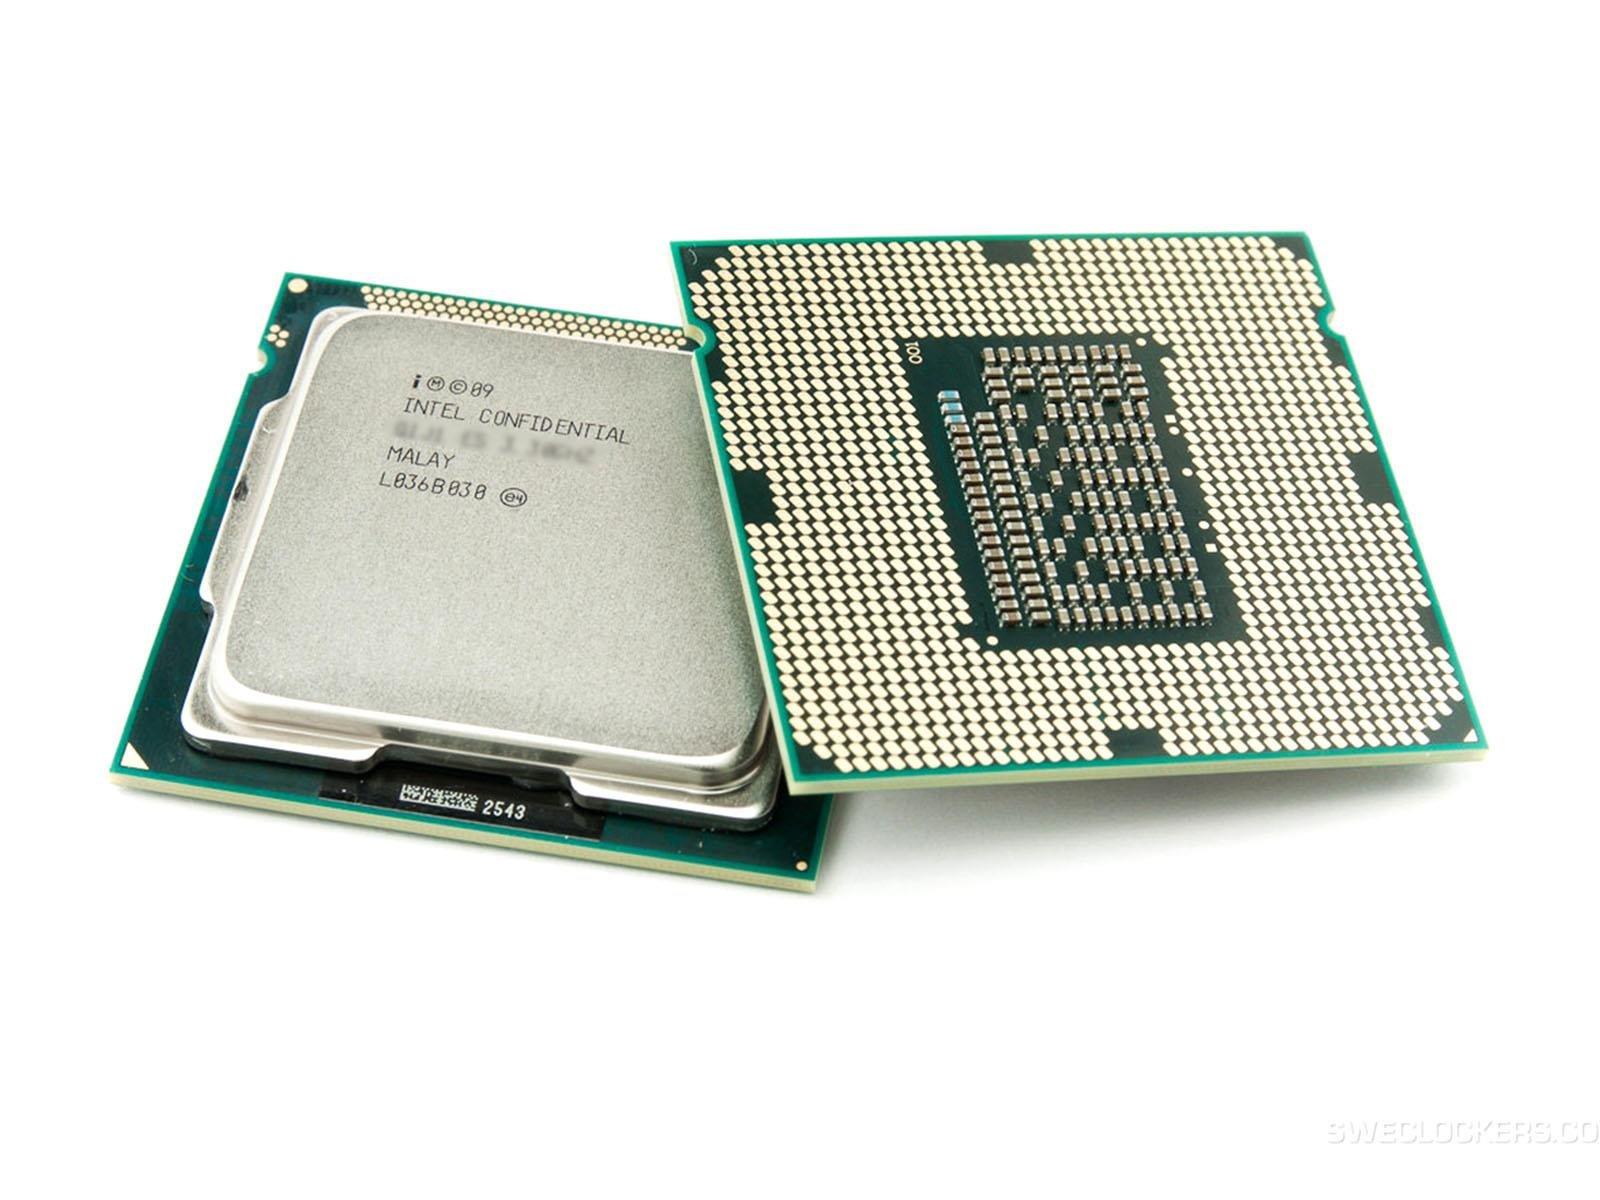 Renewed Intel Core i5-3330S Processor 2.7GHz 5.0GT-s 6MB LGA 1155 CPU44; OEM